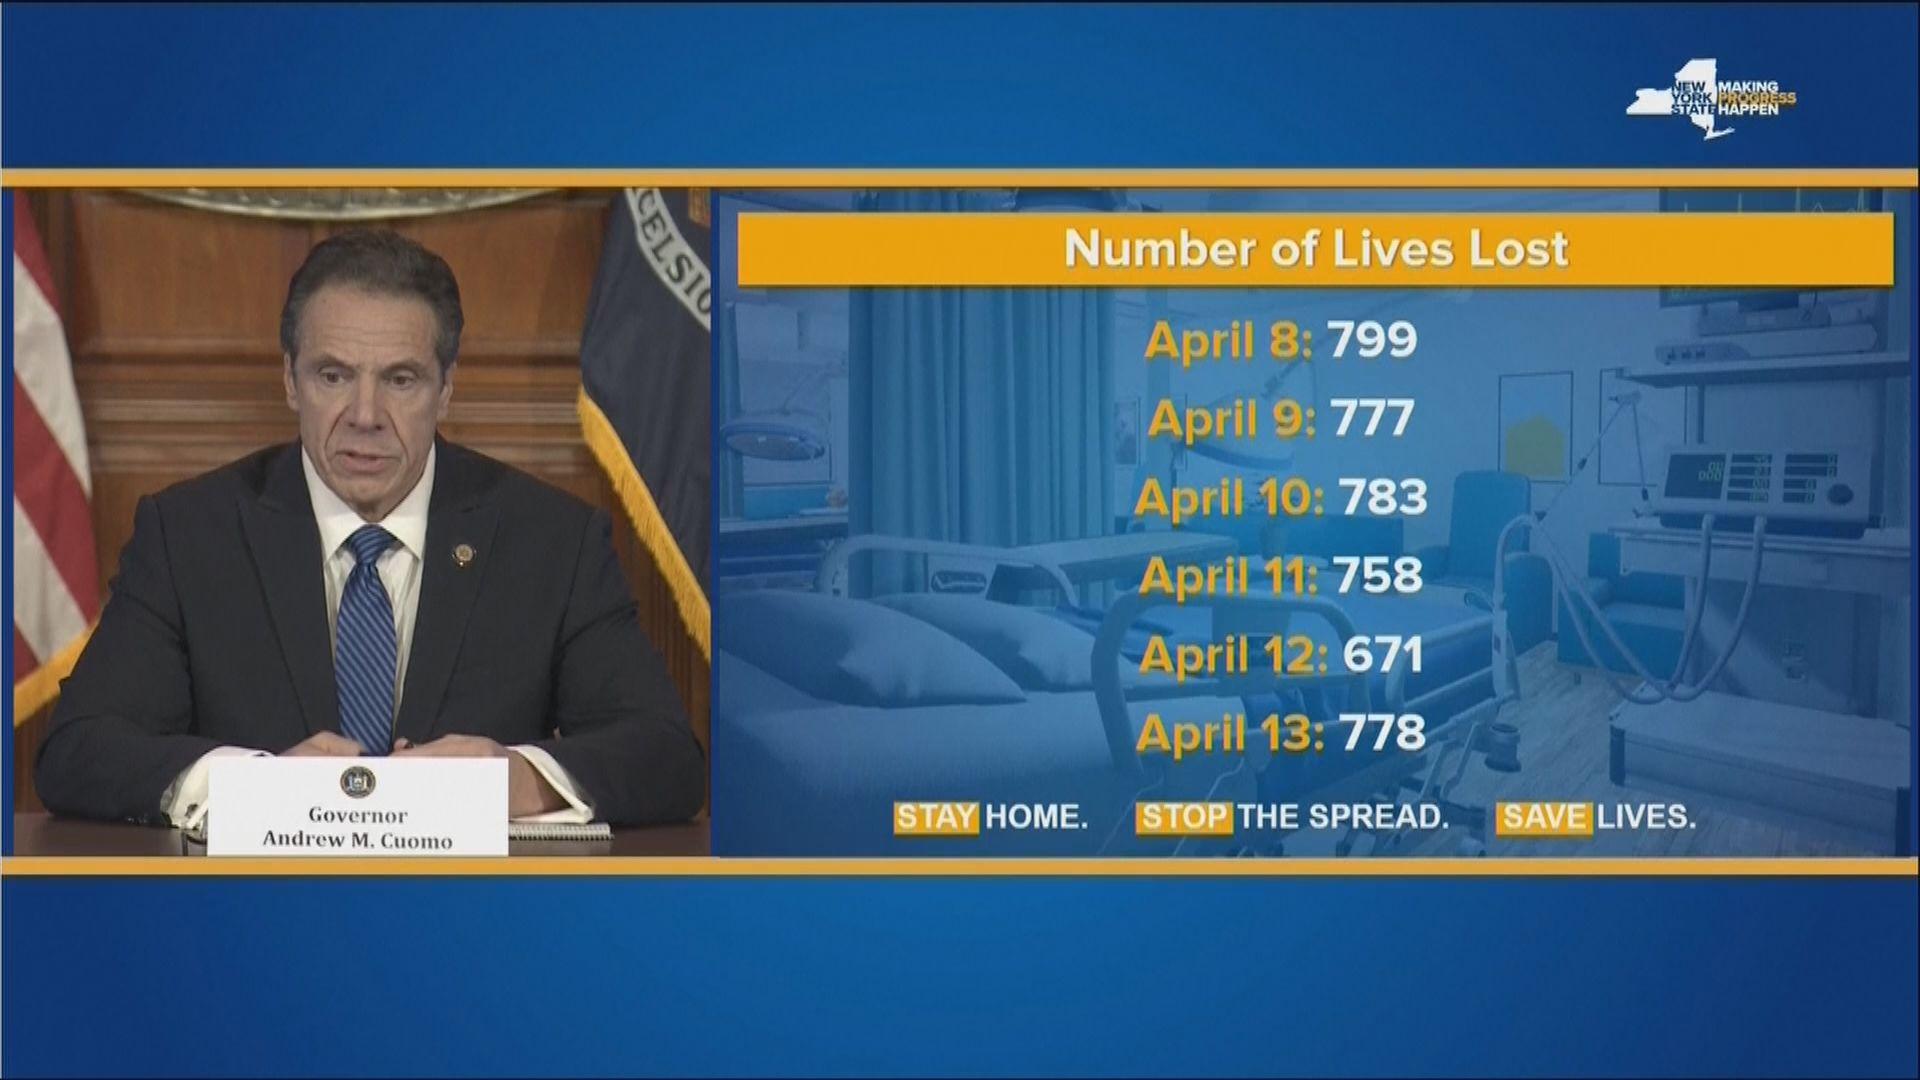 紐約市改變統計方法 因疫情致死人數增至逾萬